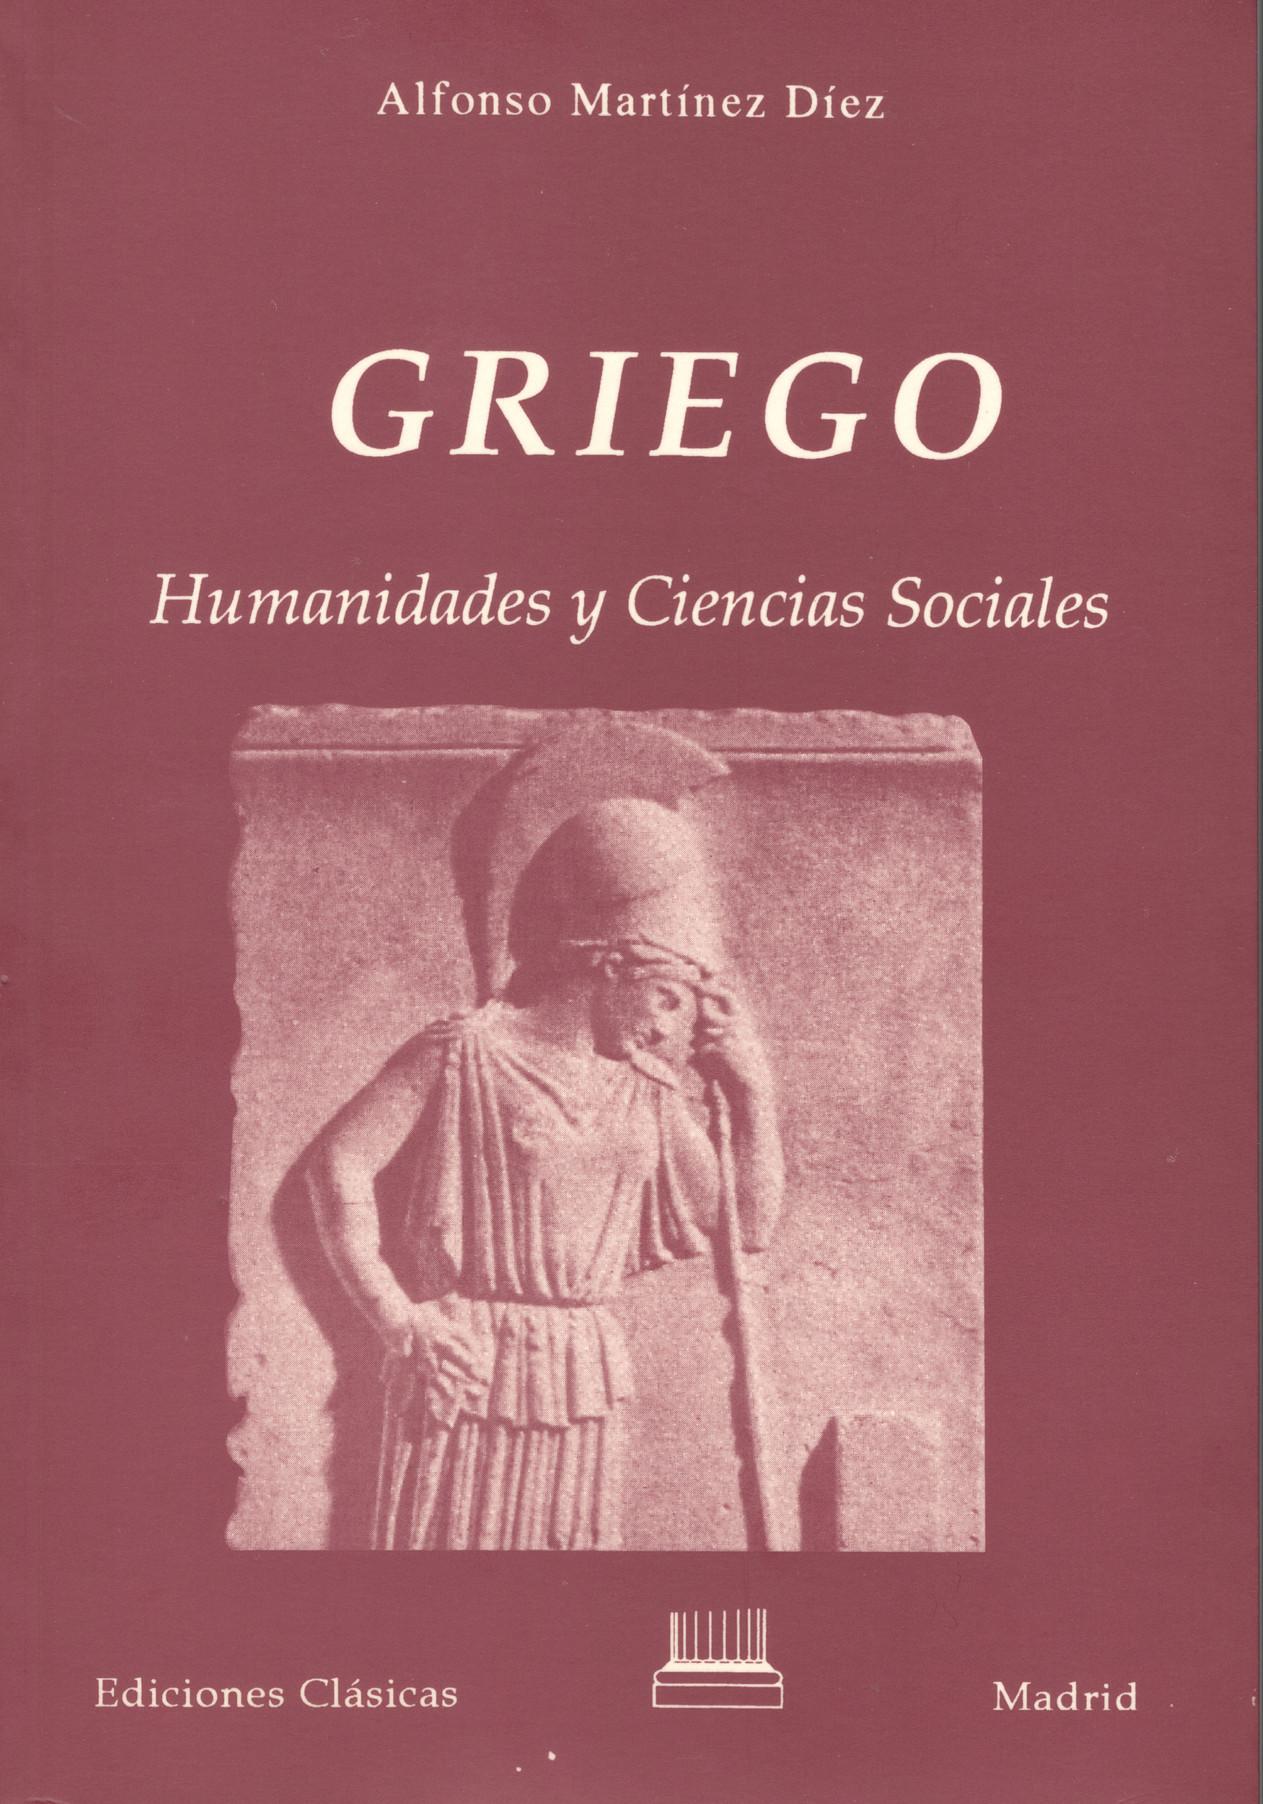 GRIEGO HUMANIDADES Y CC. SOCIALES